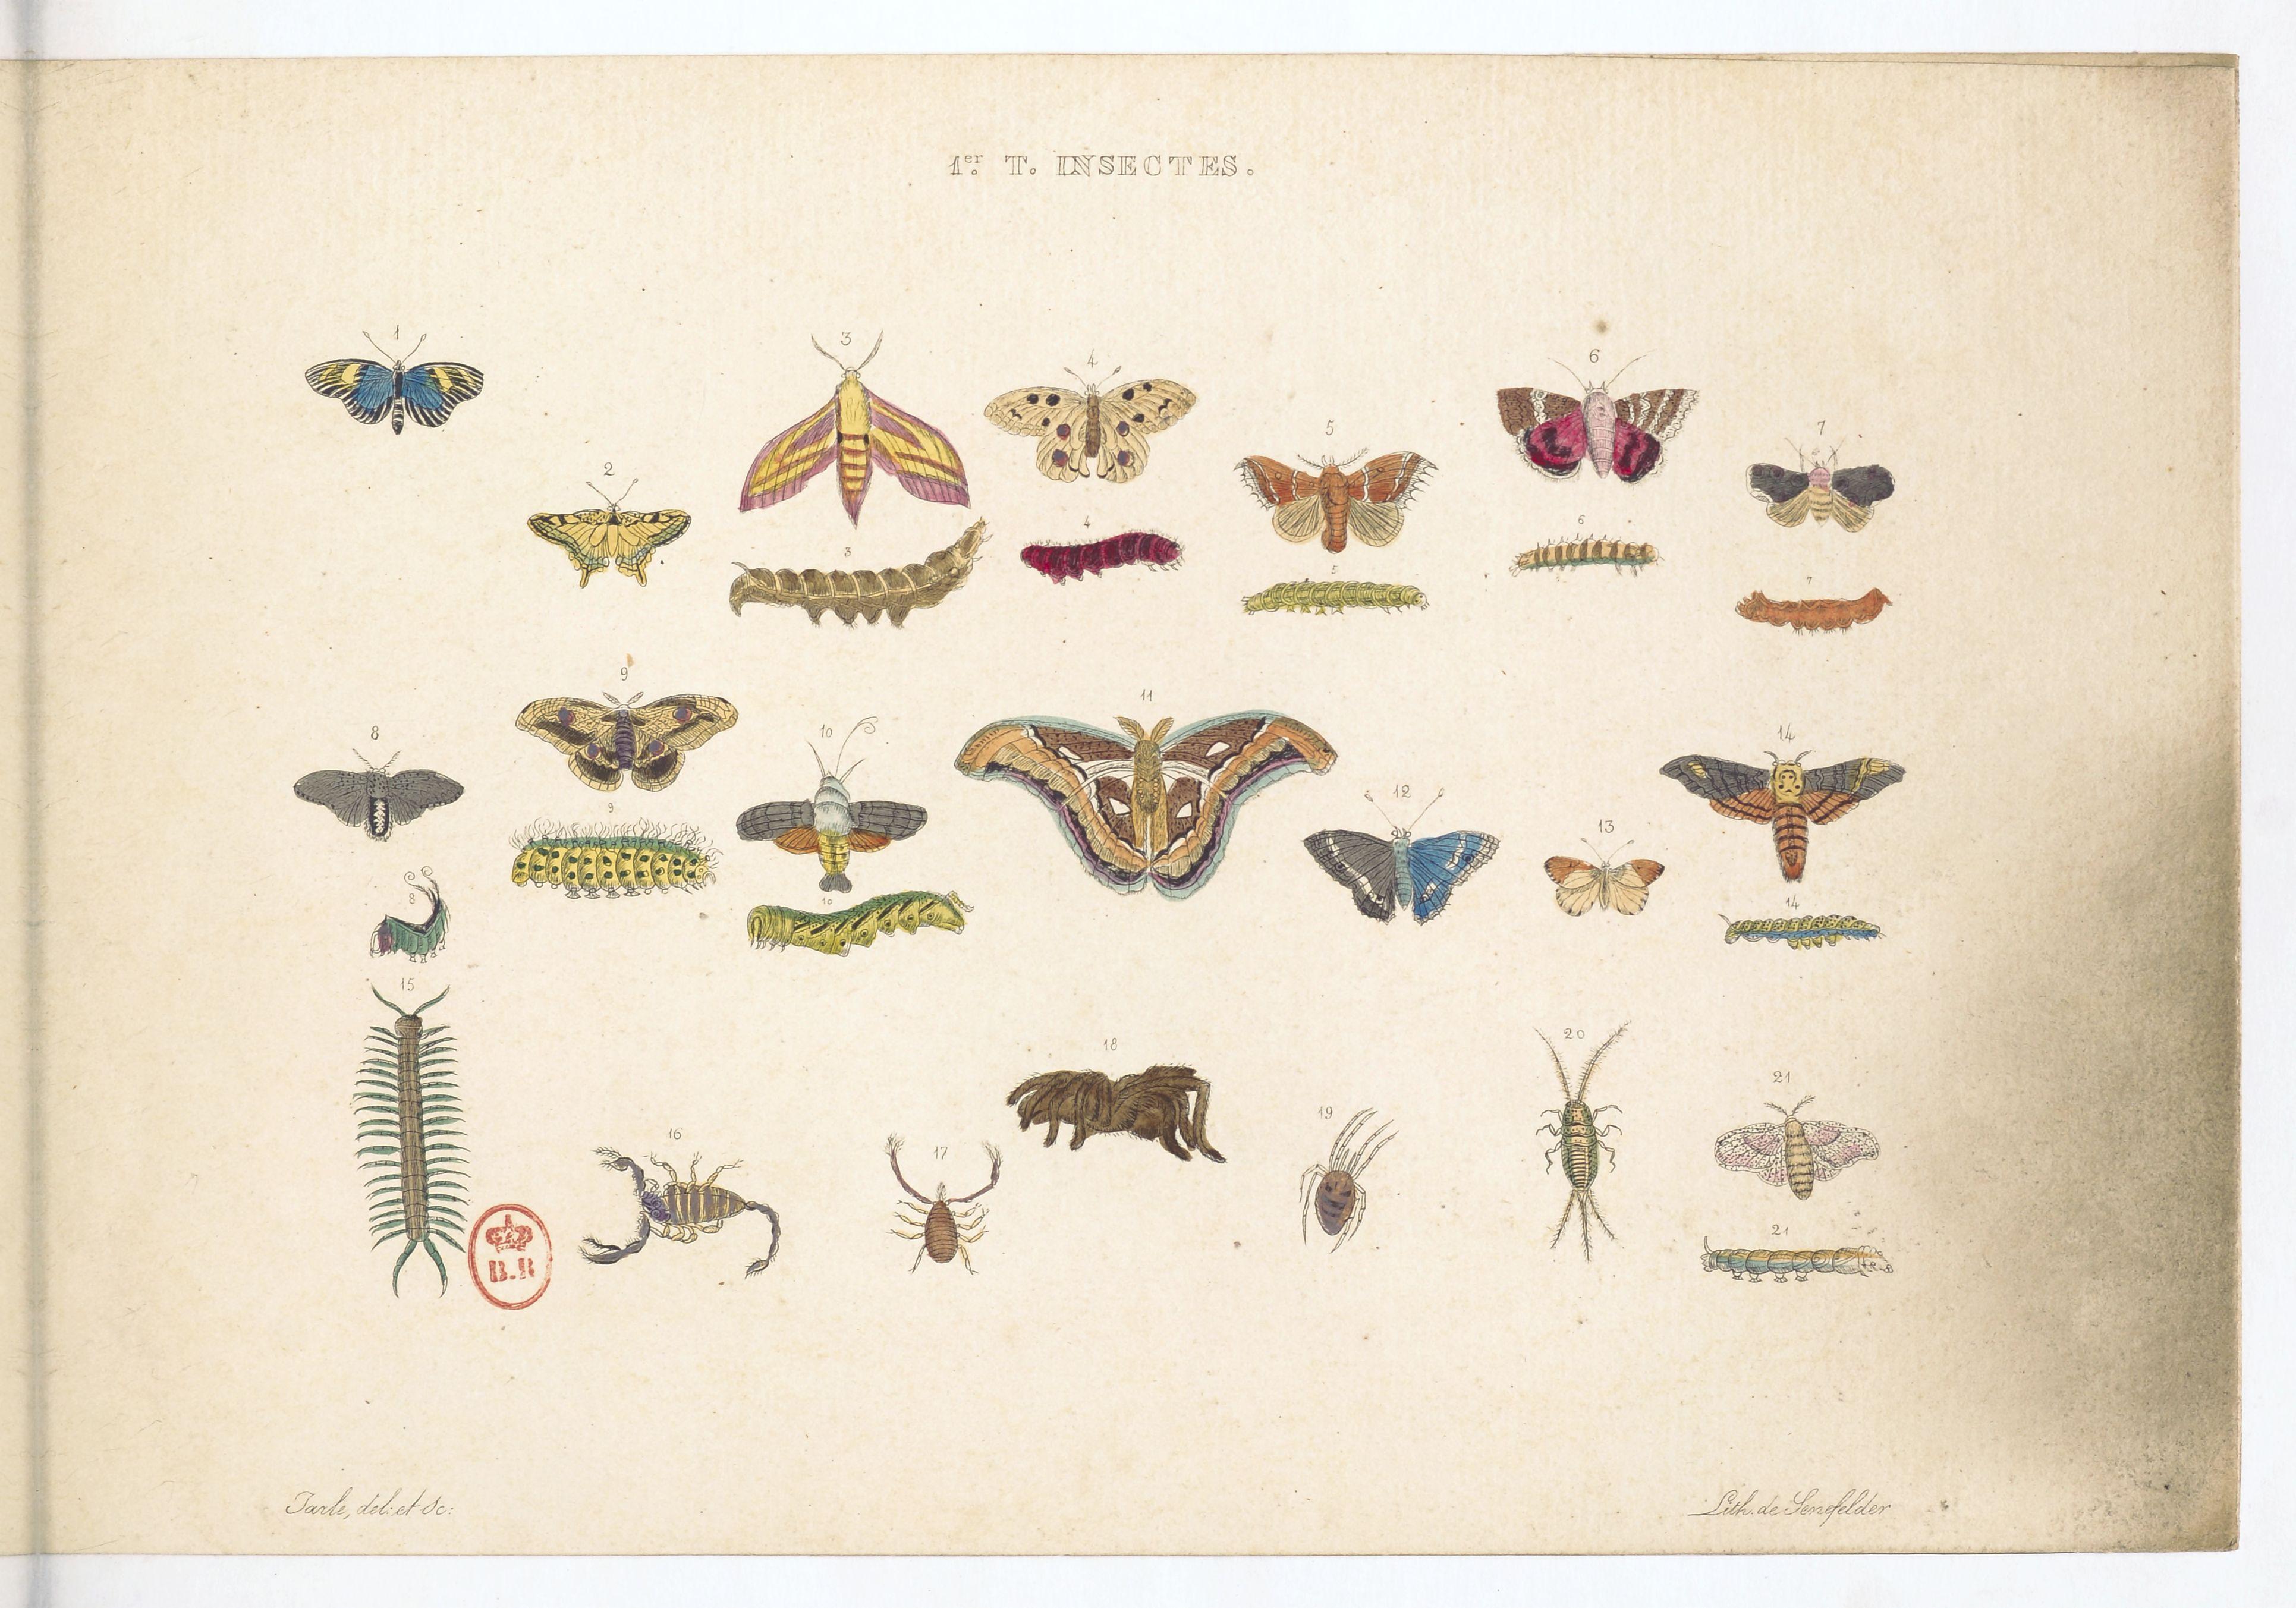 Planche sur les papillons